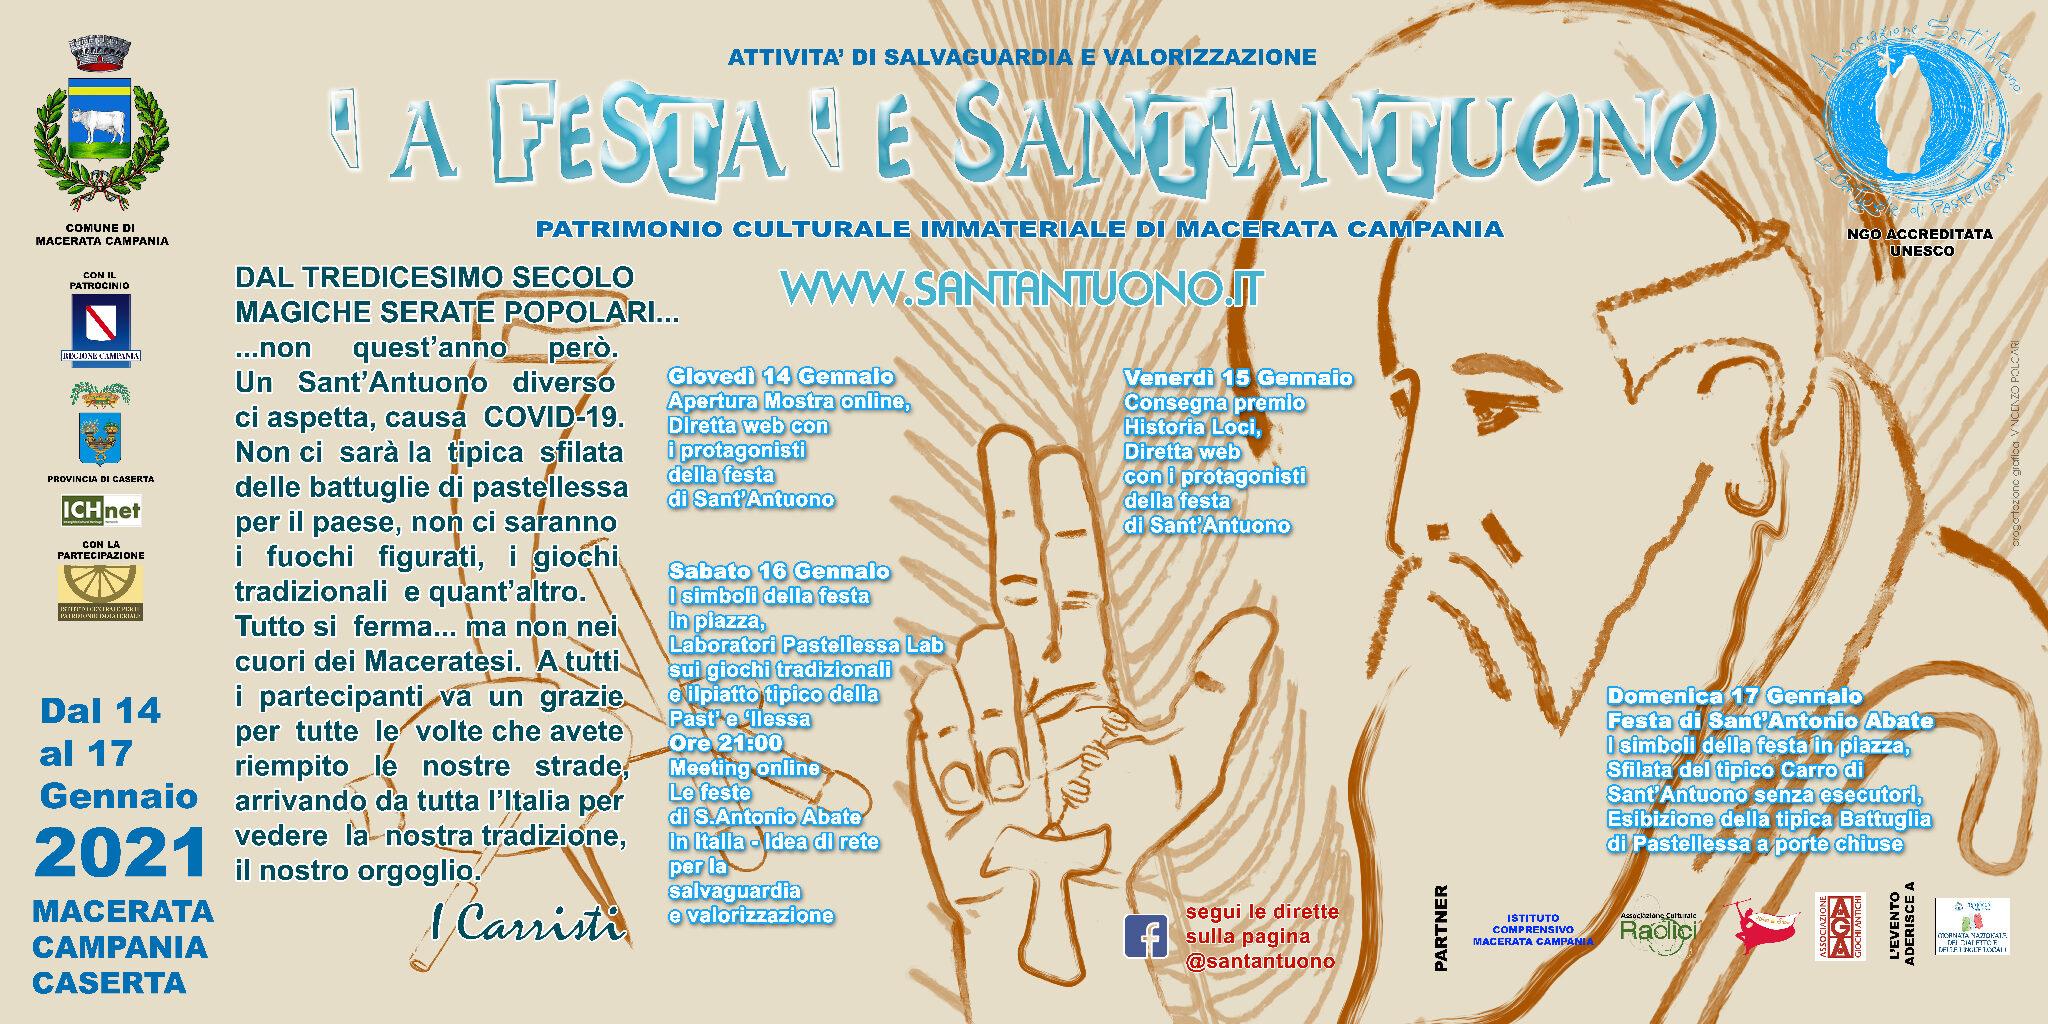 Festa di Sant'Antuono a Macerata Campania edizione 2021